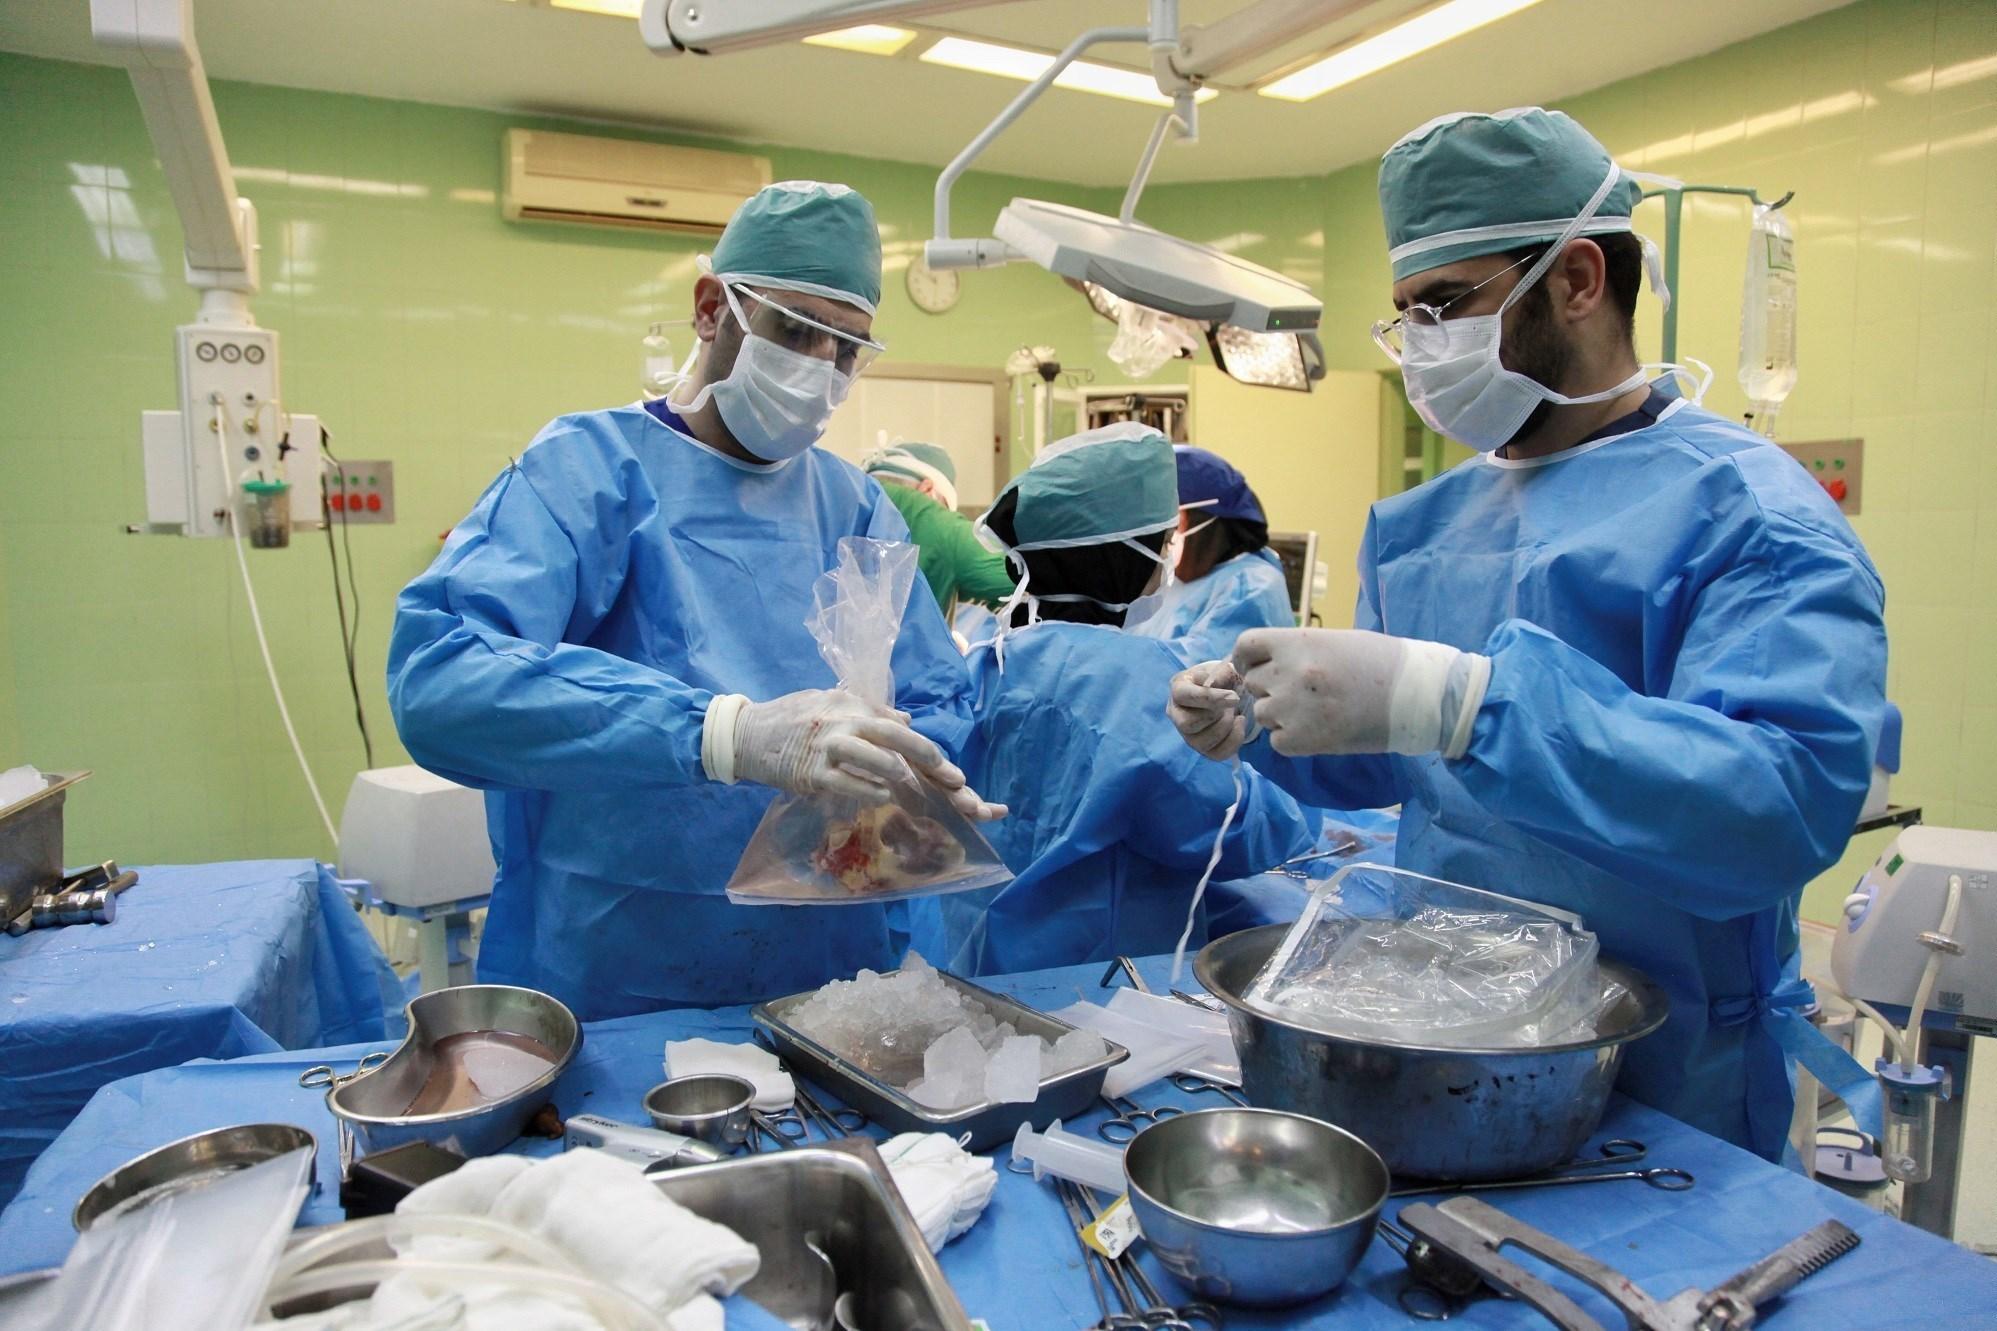 وزارت بهداشت , اهدای عضو , بهداشت و درمان ,